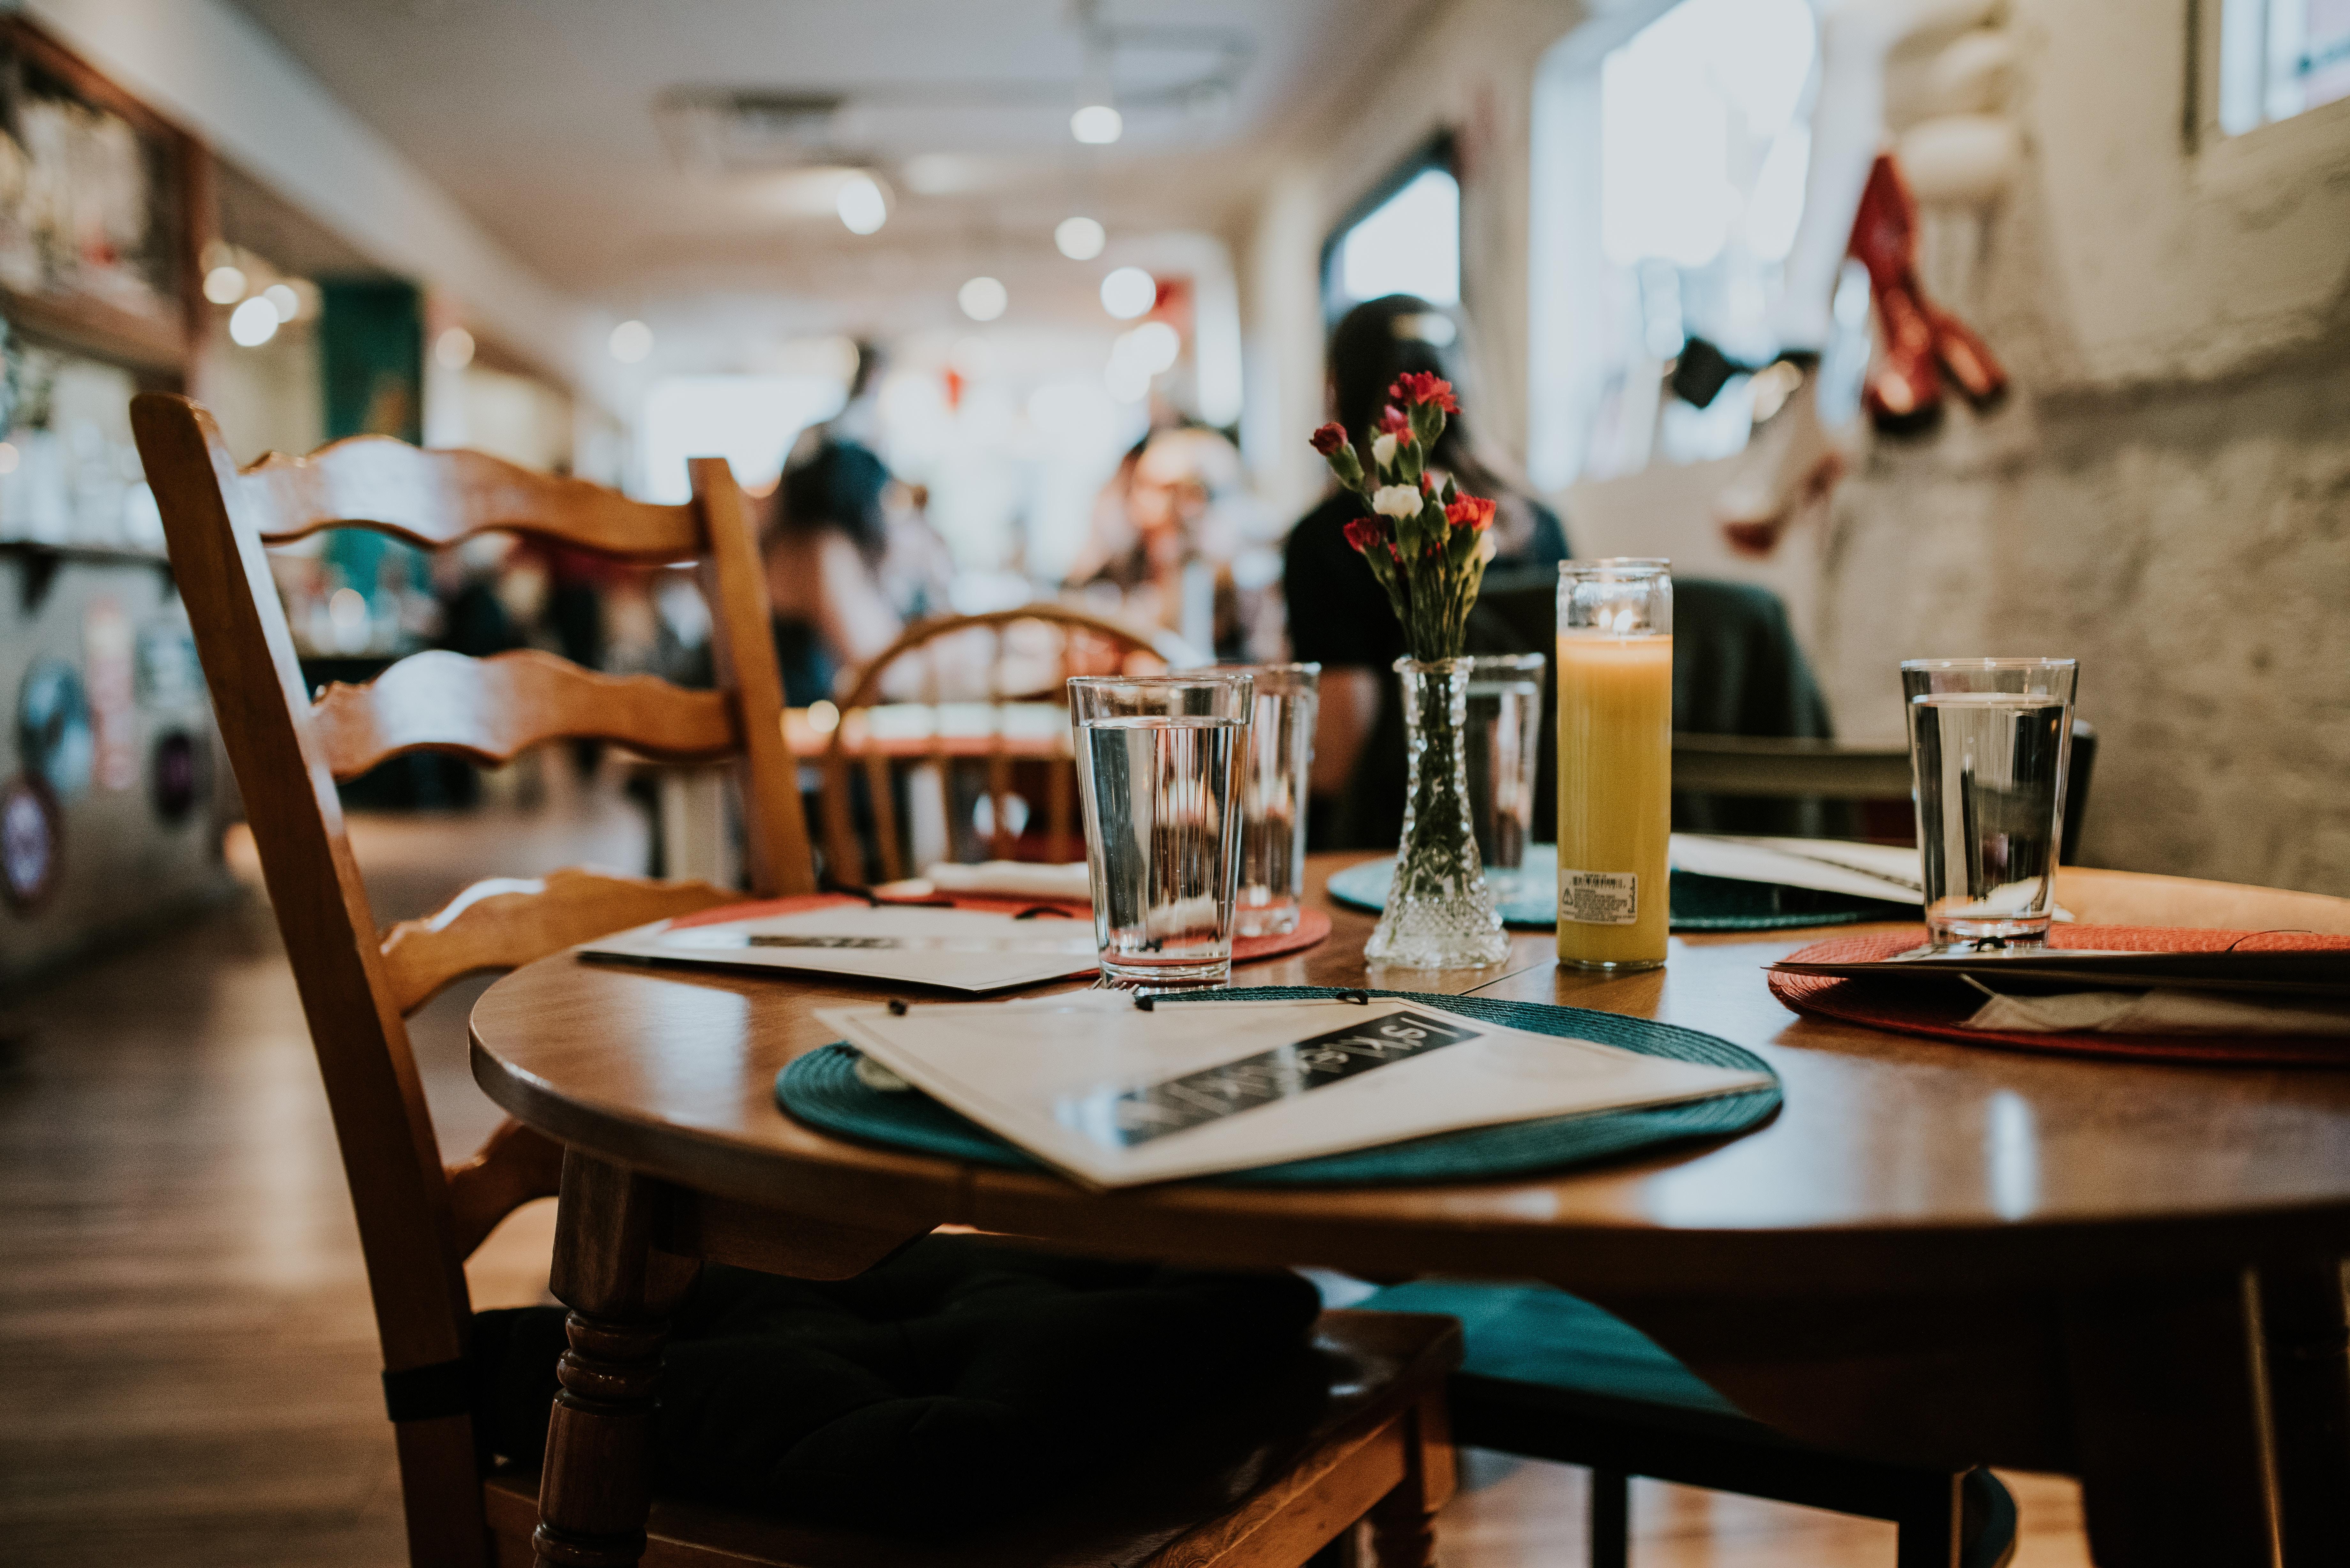 New Relief Targets Restaurants